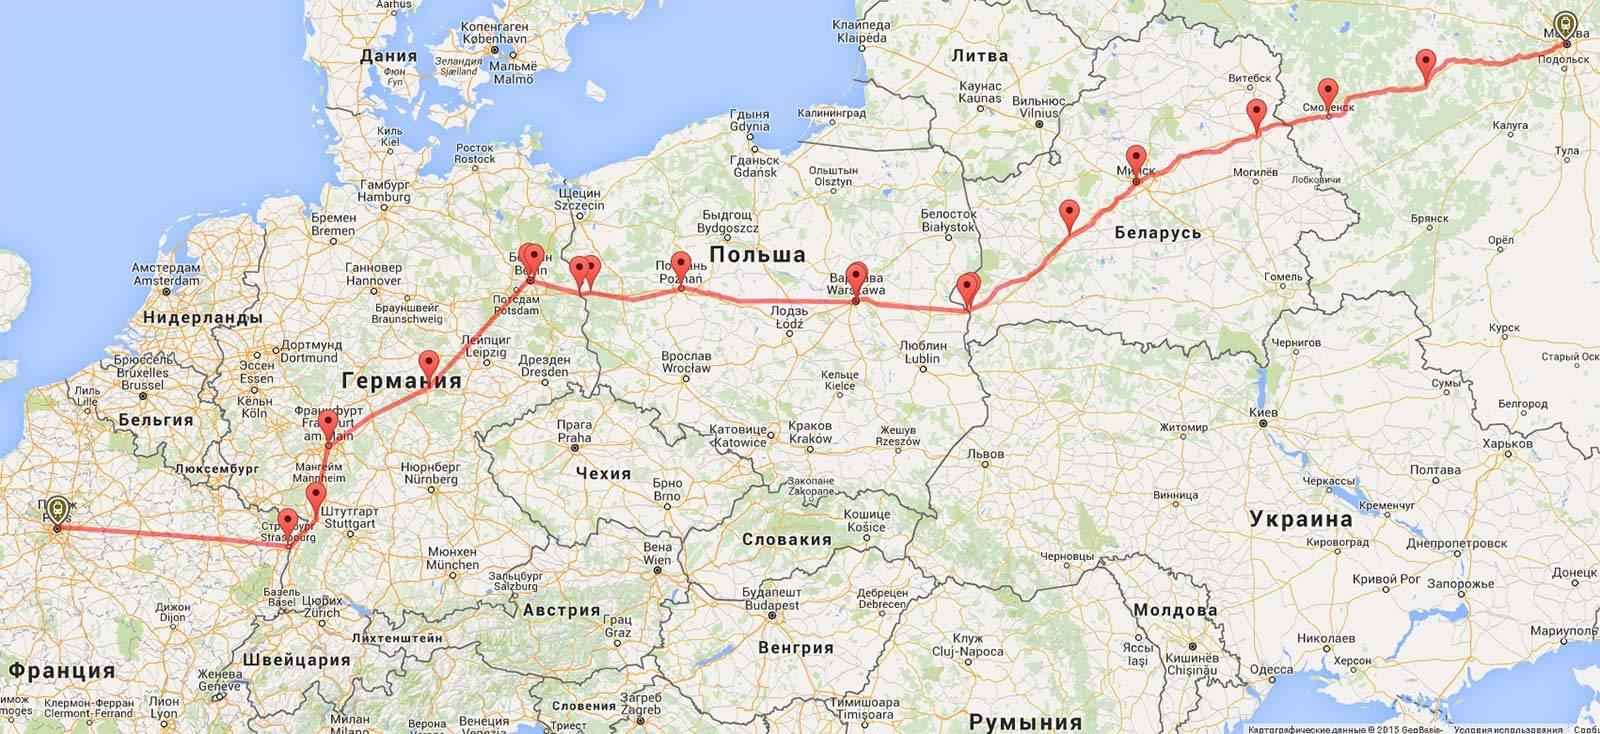 Проложенный маршрут от праги до кёльн